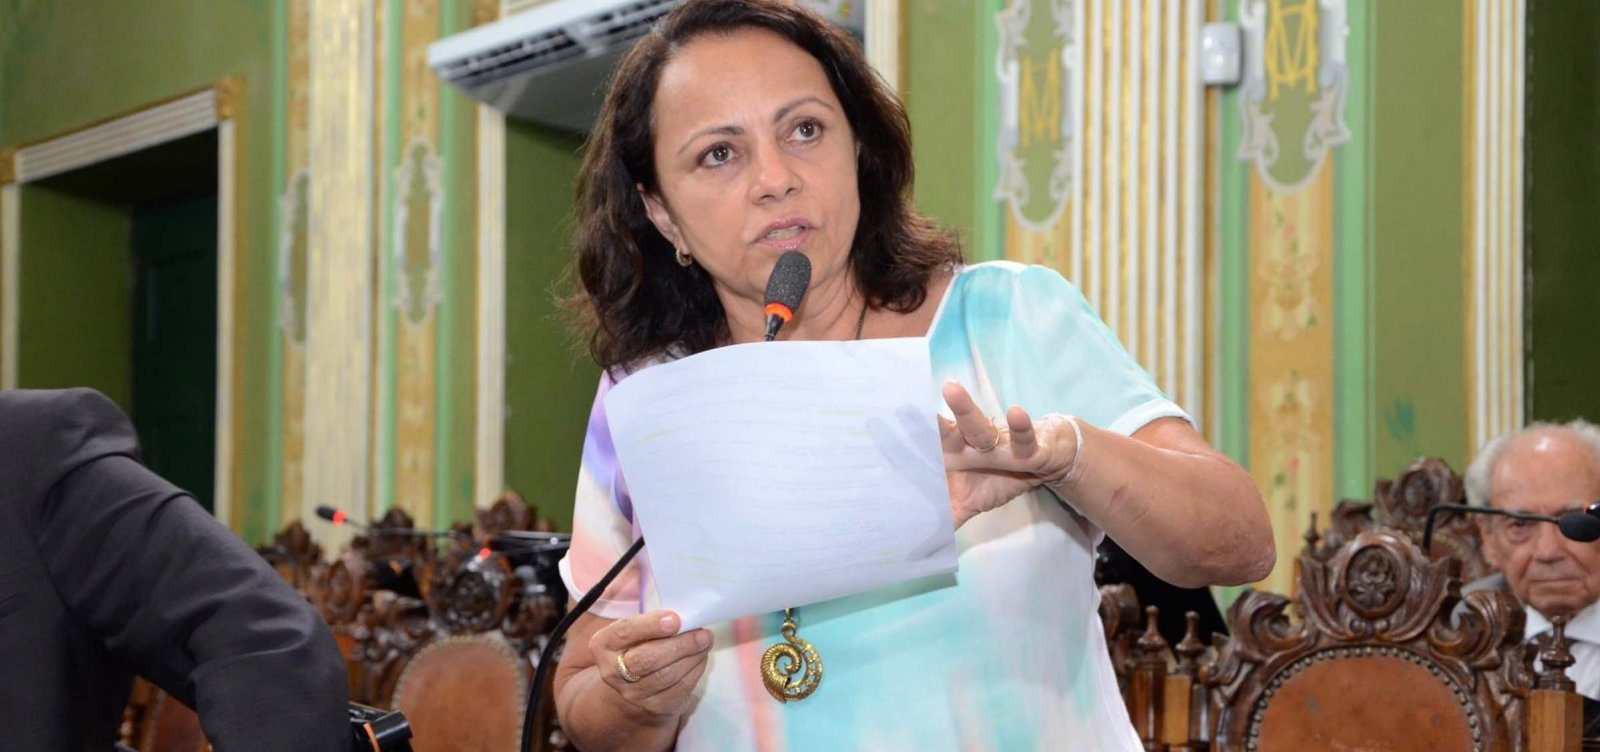 Aladilce Souza apresenta moção de repúdio contra corte de verbas da Ufba